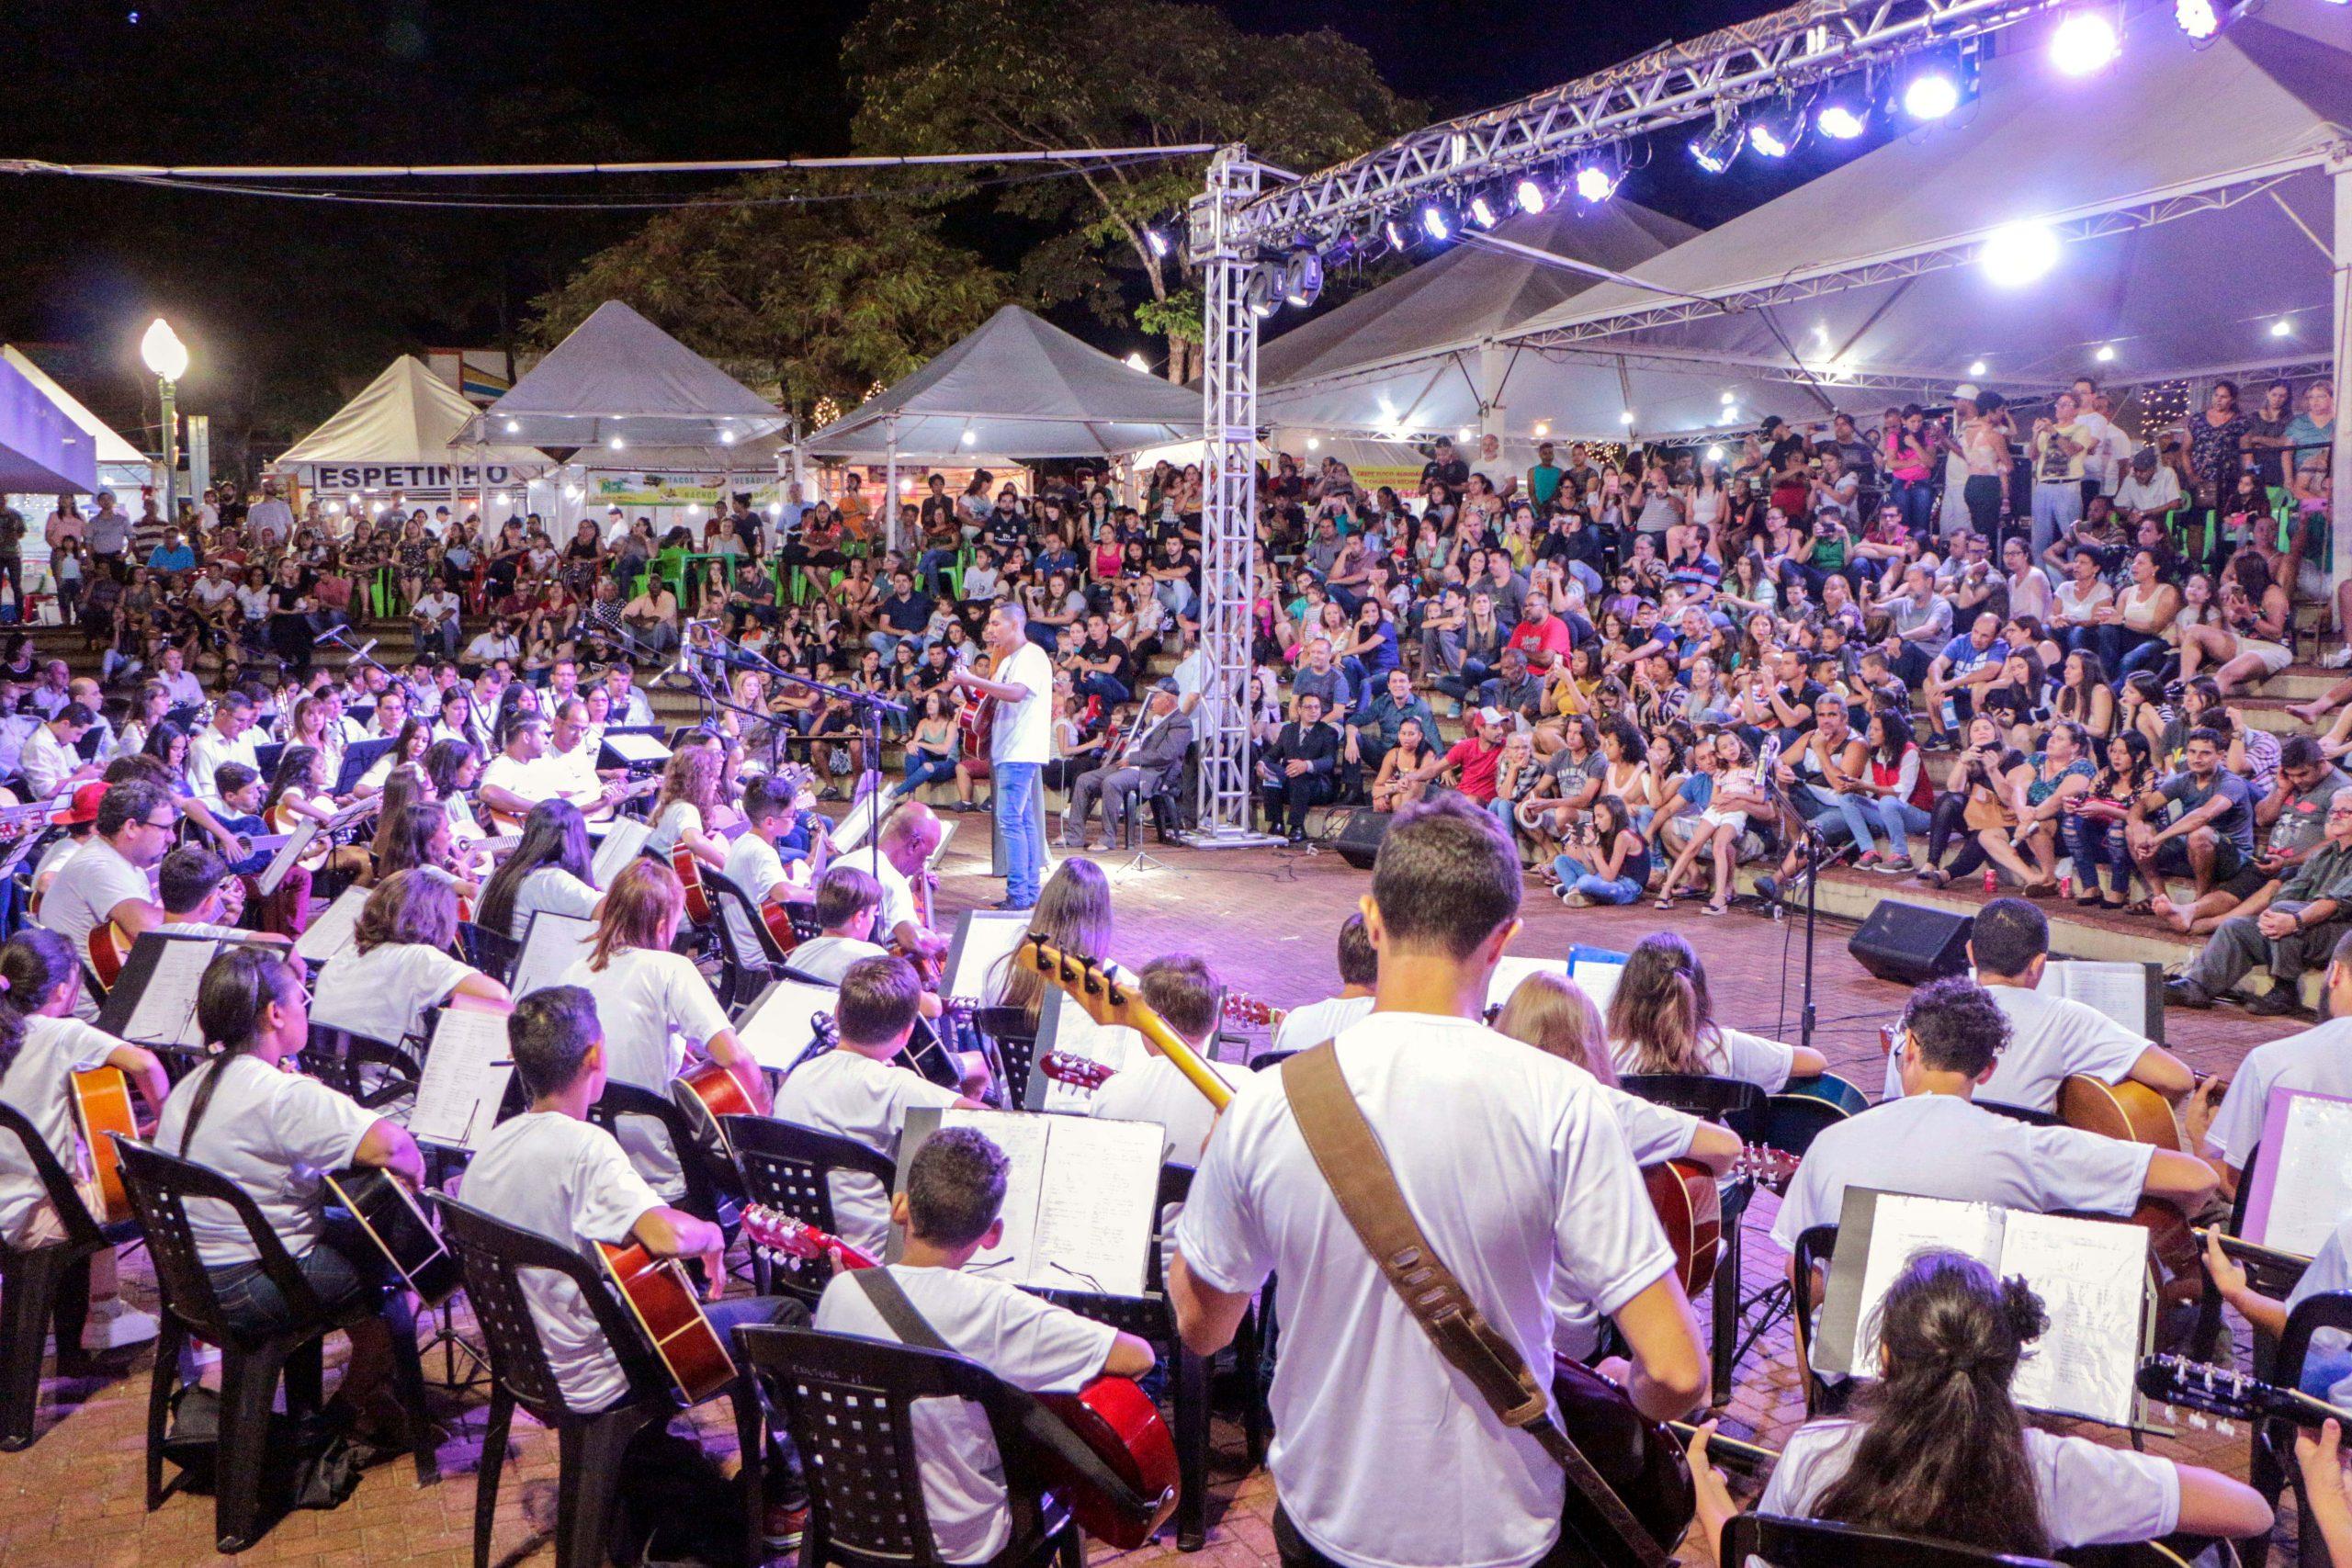 Cerca de 200 alunos se apresentaram ontem, tocando violão, violoncelo, violino, saxofone e teclado